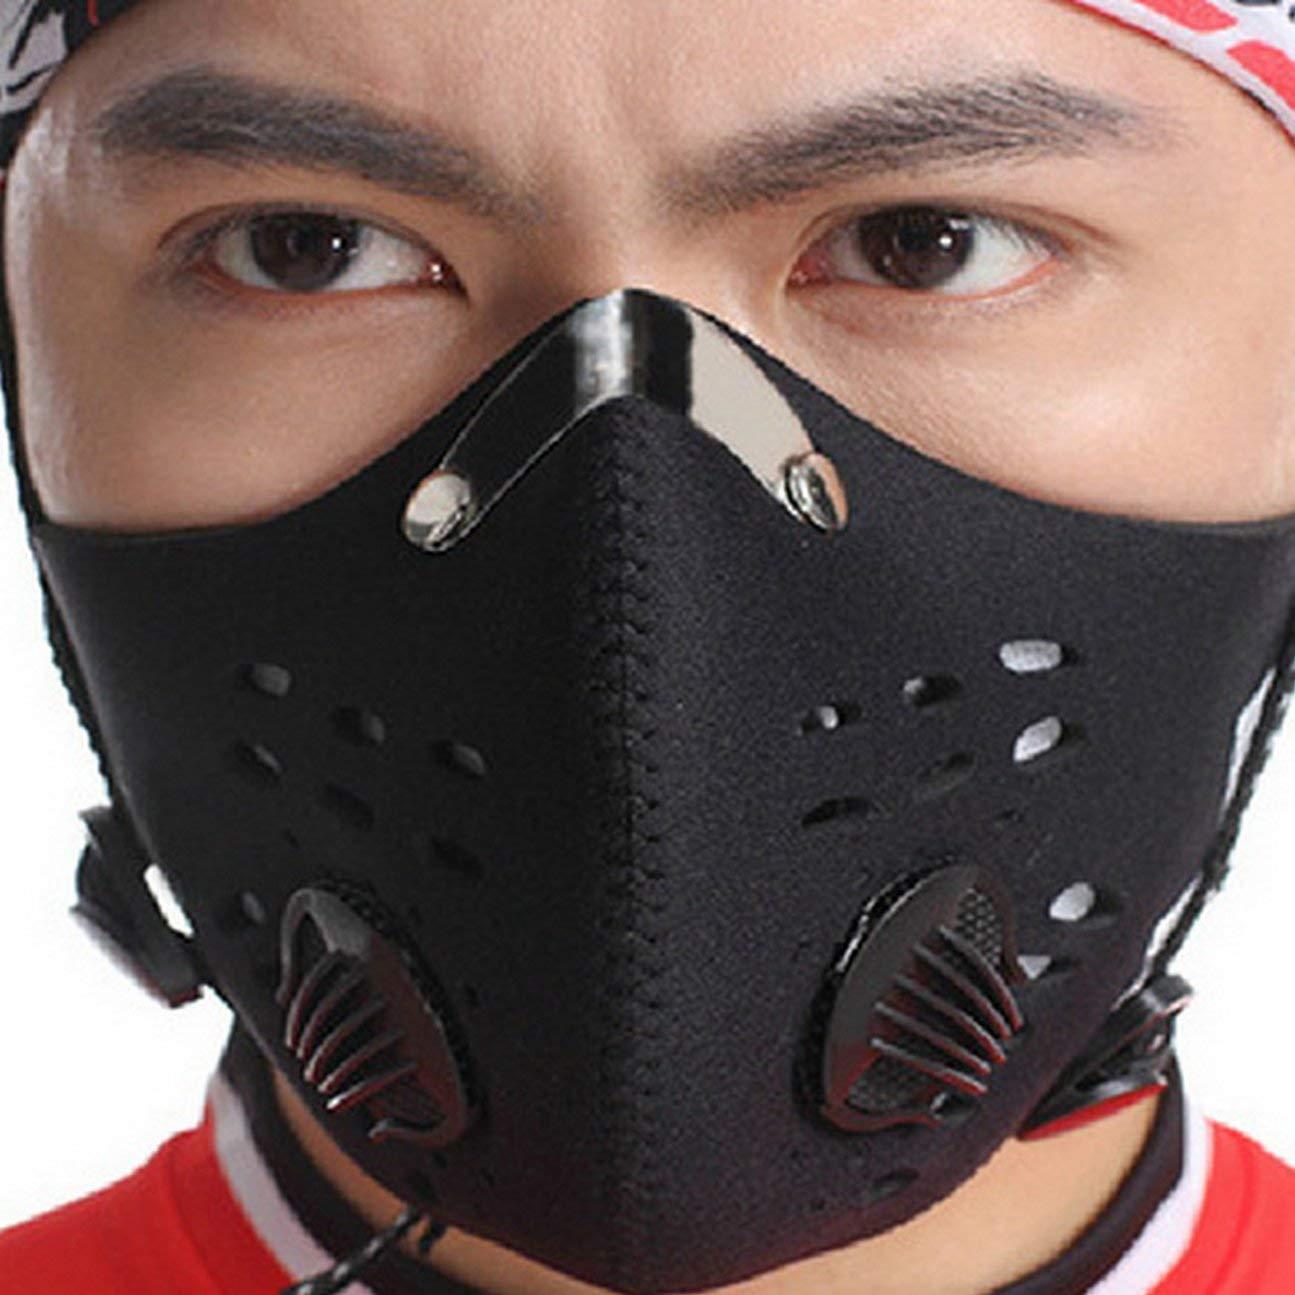 Noir MachinYesell Masque de Pollution Filtre /à Charbon Actif Anti-bu/ée Anti-bu/ée Lavable pour Masque Anti-poussi/ère Anti-PM 2.5 pour Filtre /à Charbon Actif avec 2 filtres